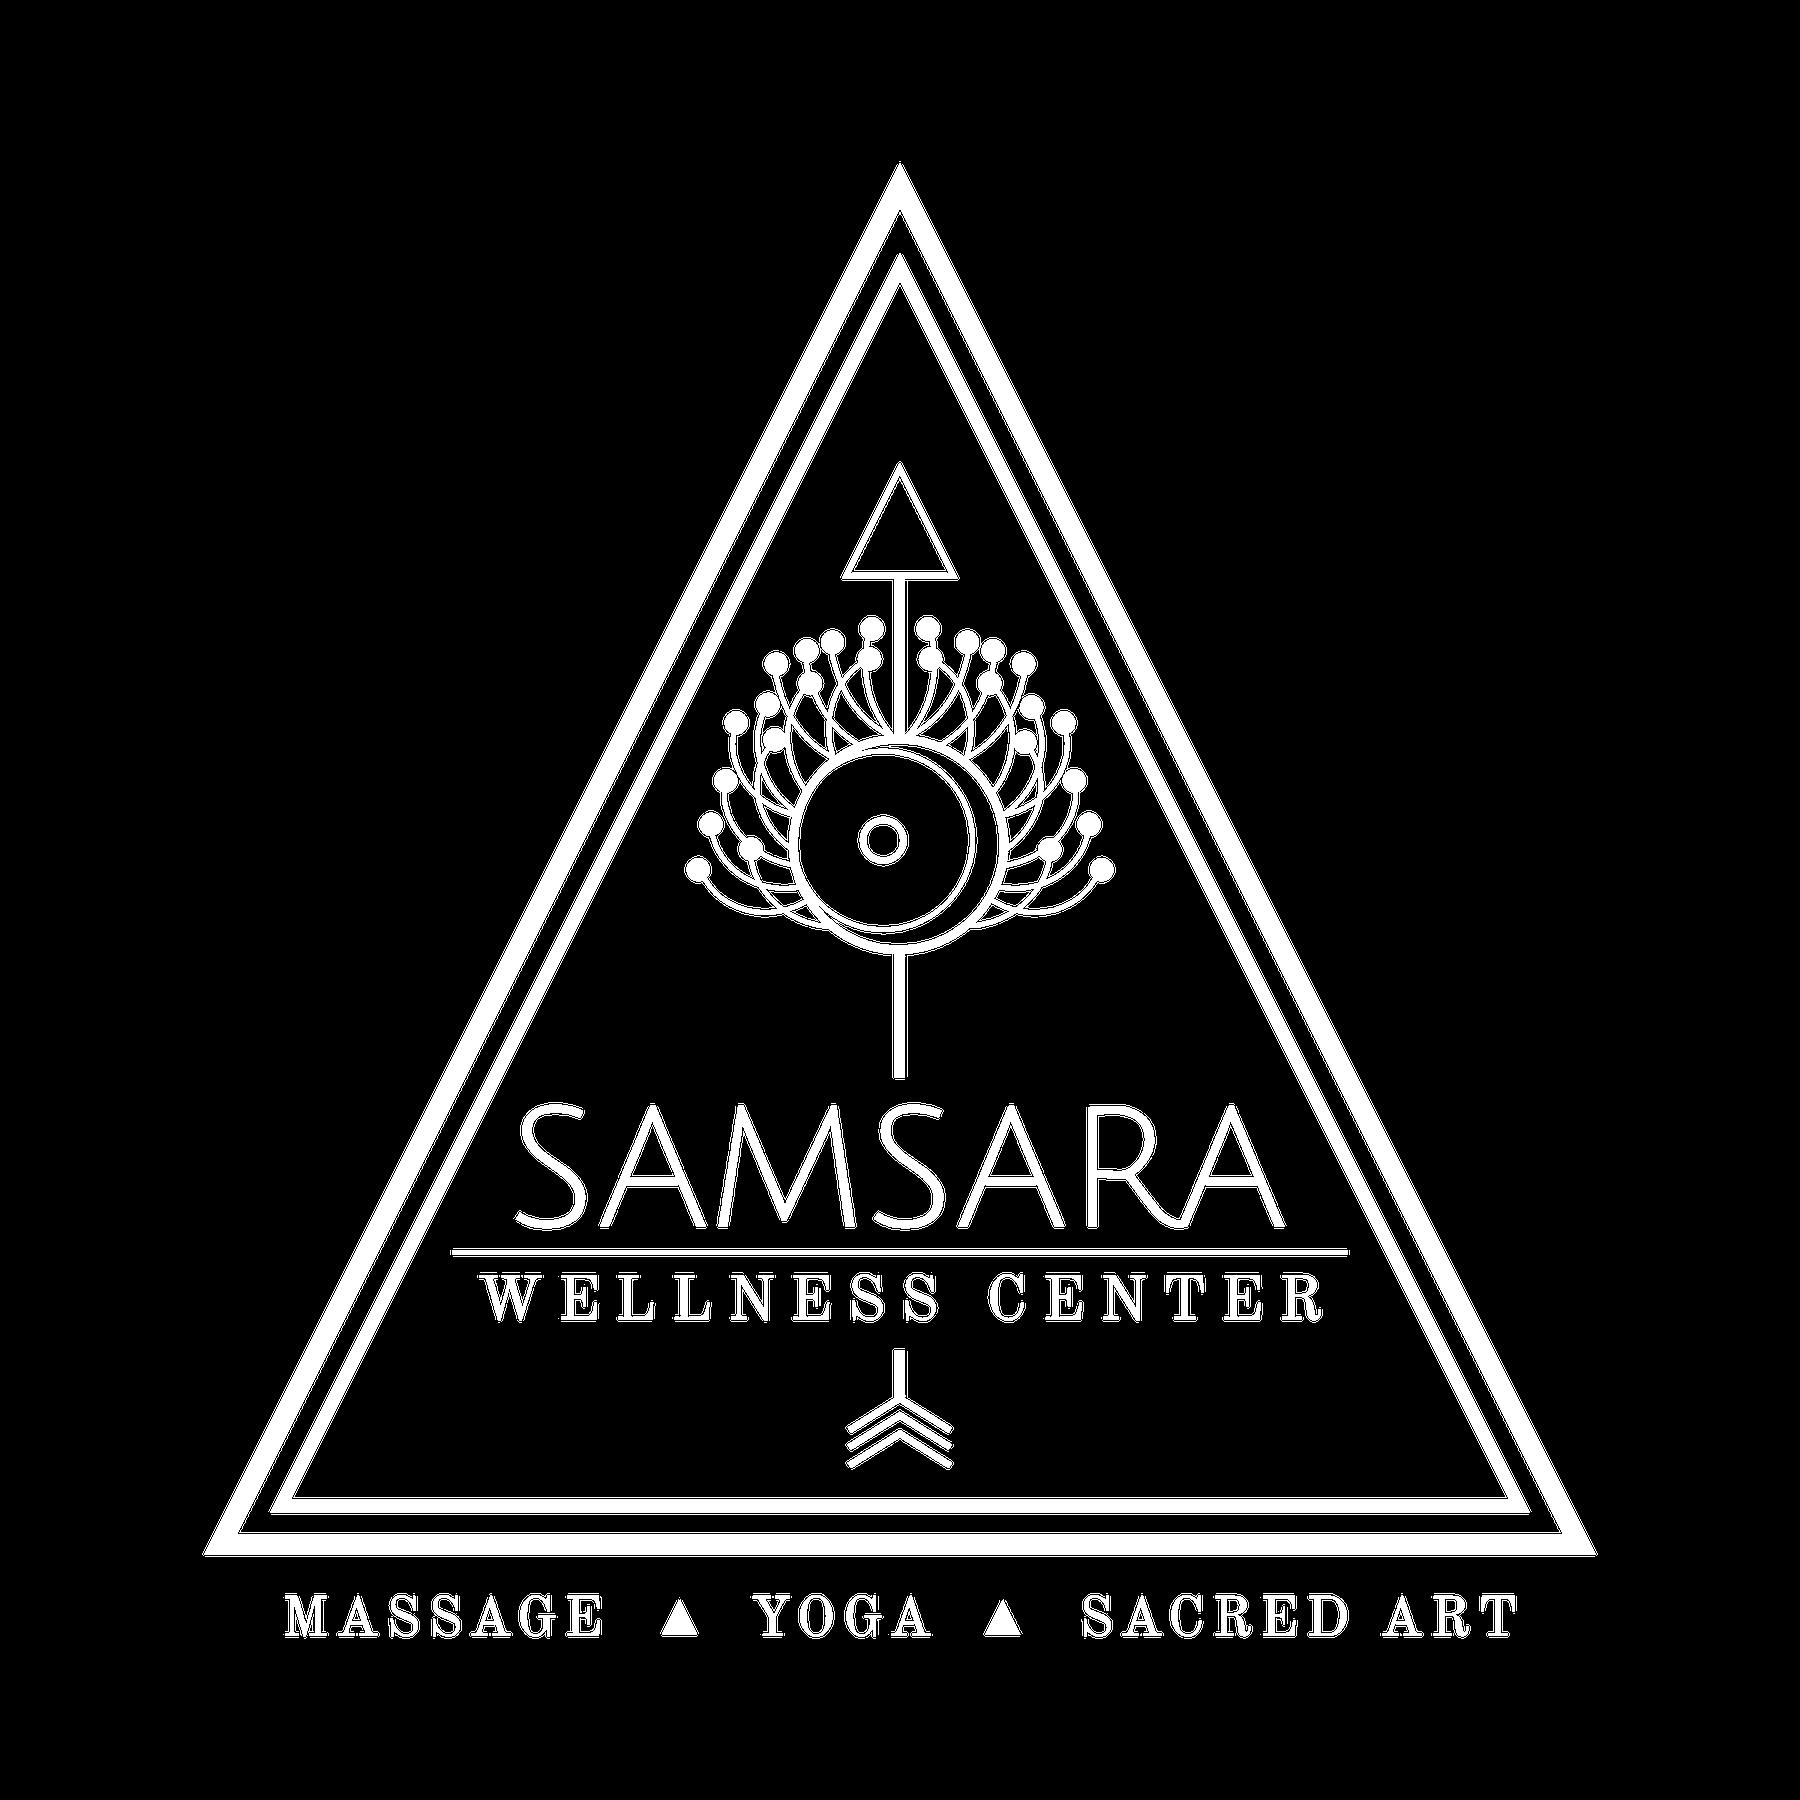 SamsaraLogo_SquareWhite75%.png